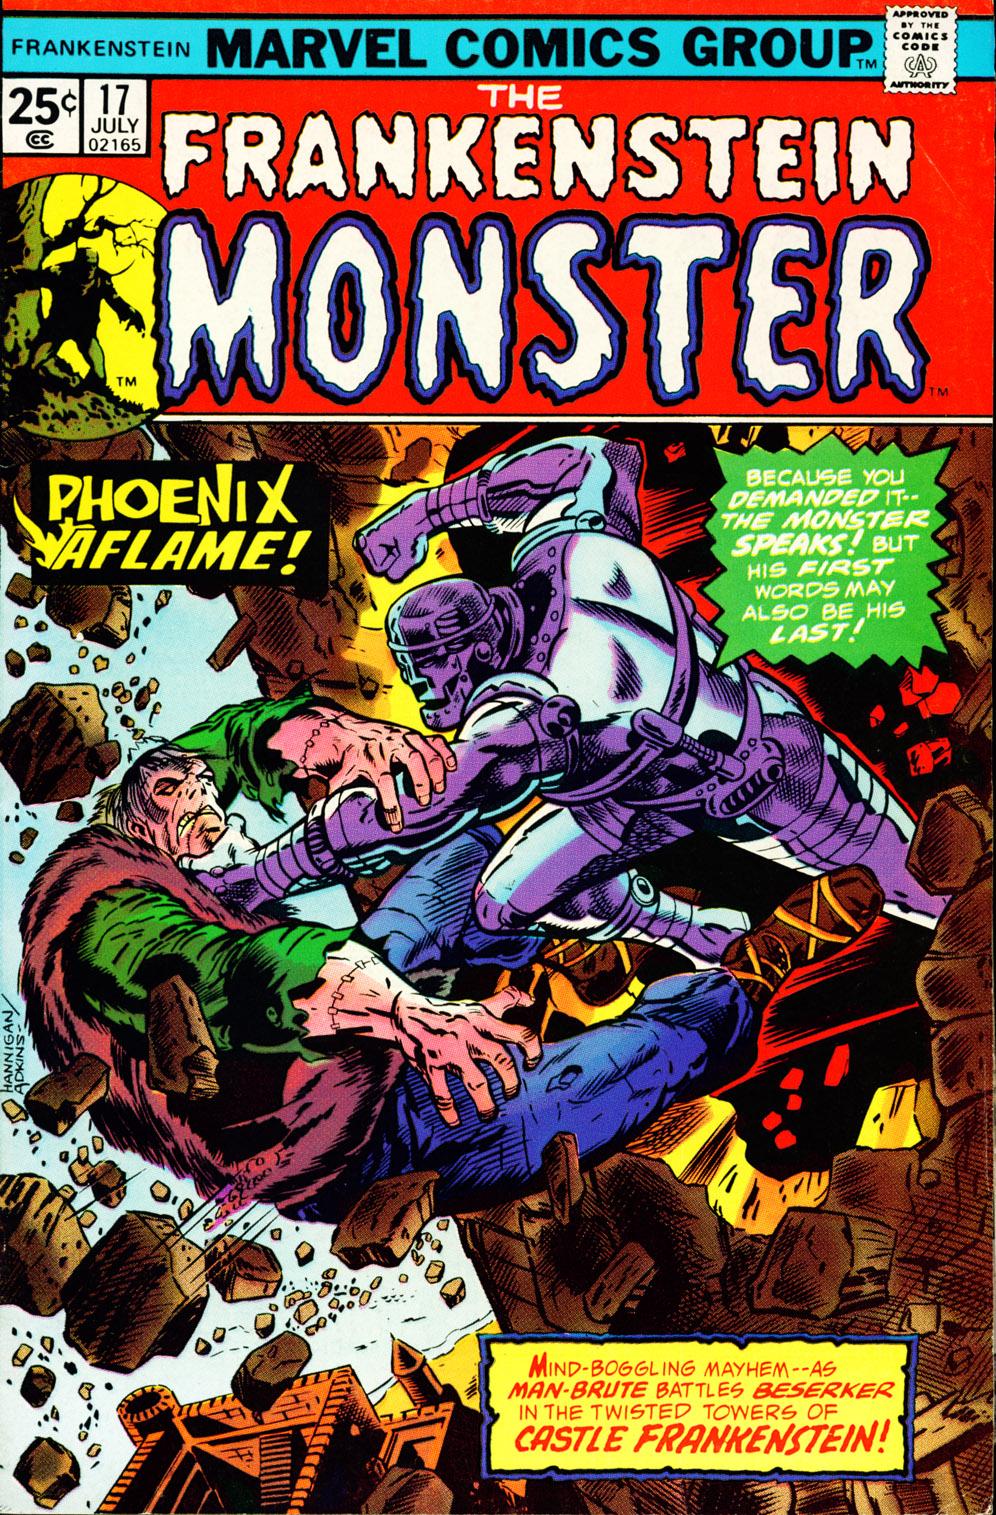 Frankenstein (1973) 17 Page 1